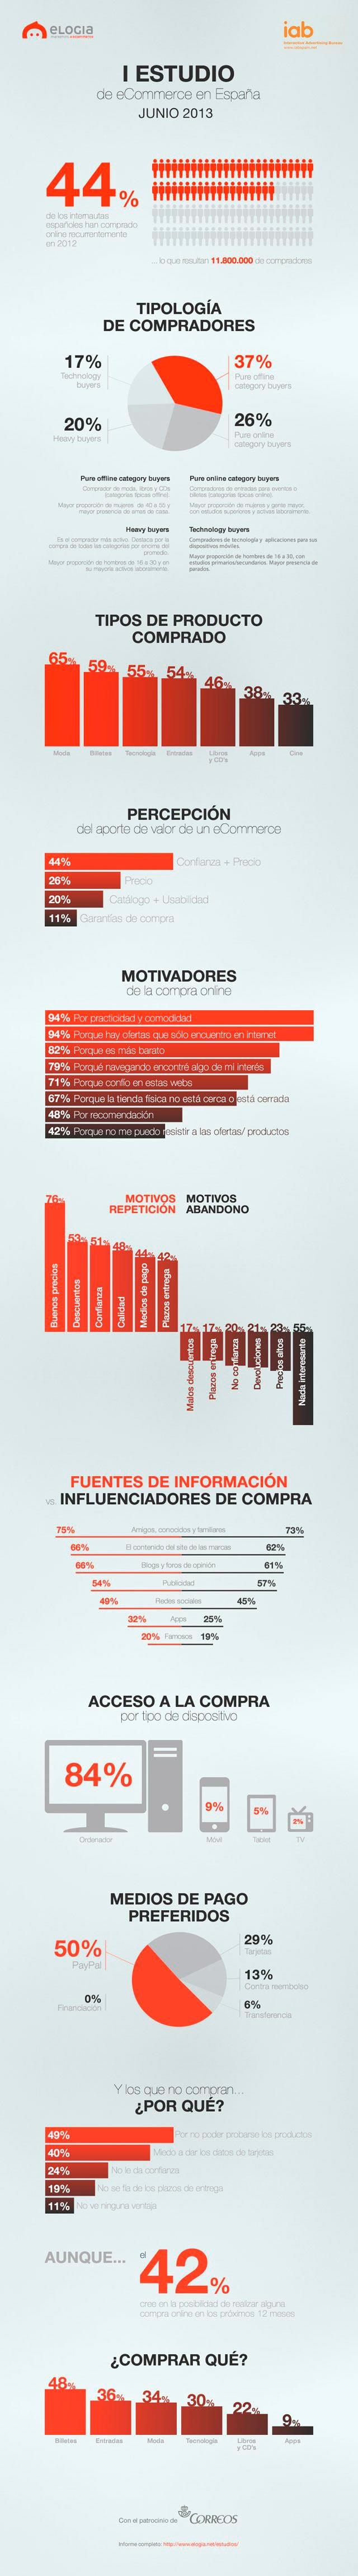 infografia_estudio_sobre_ecommerce_espana_p